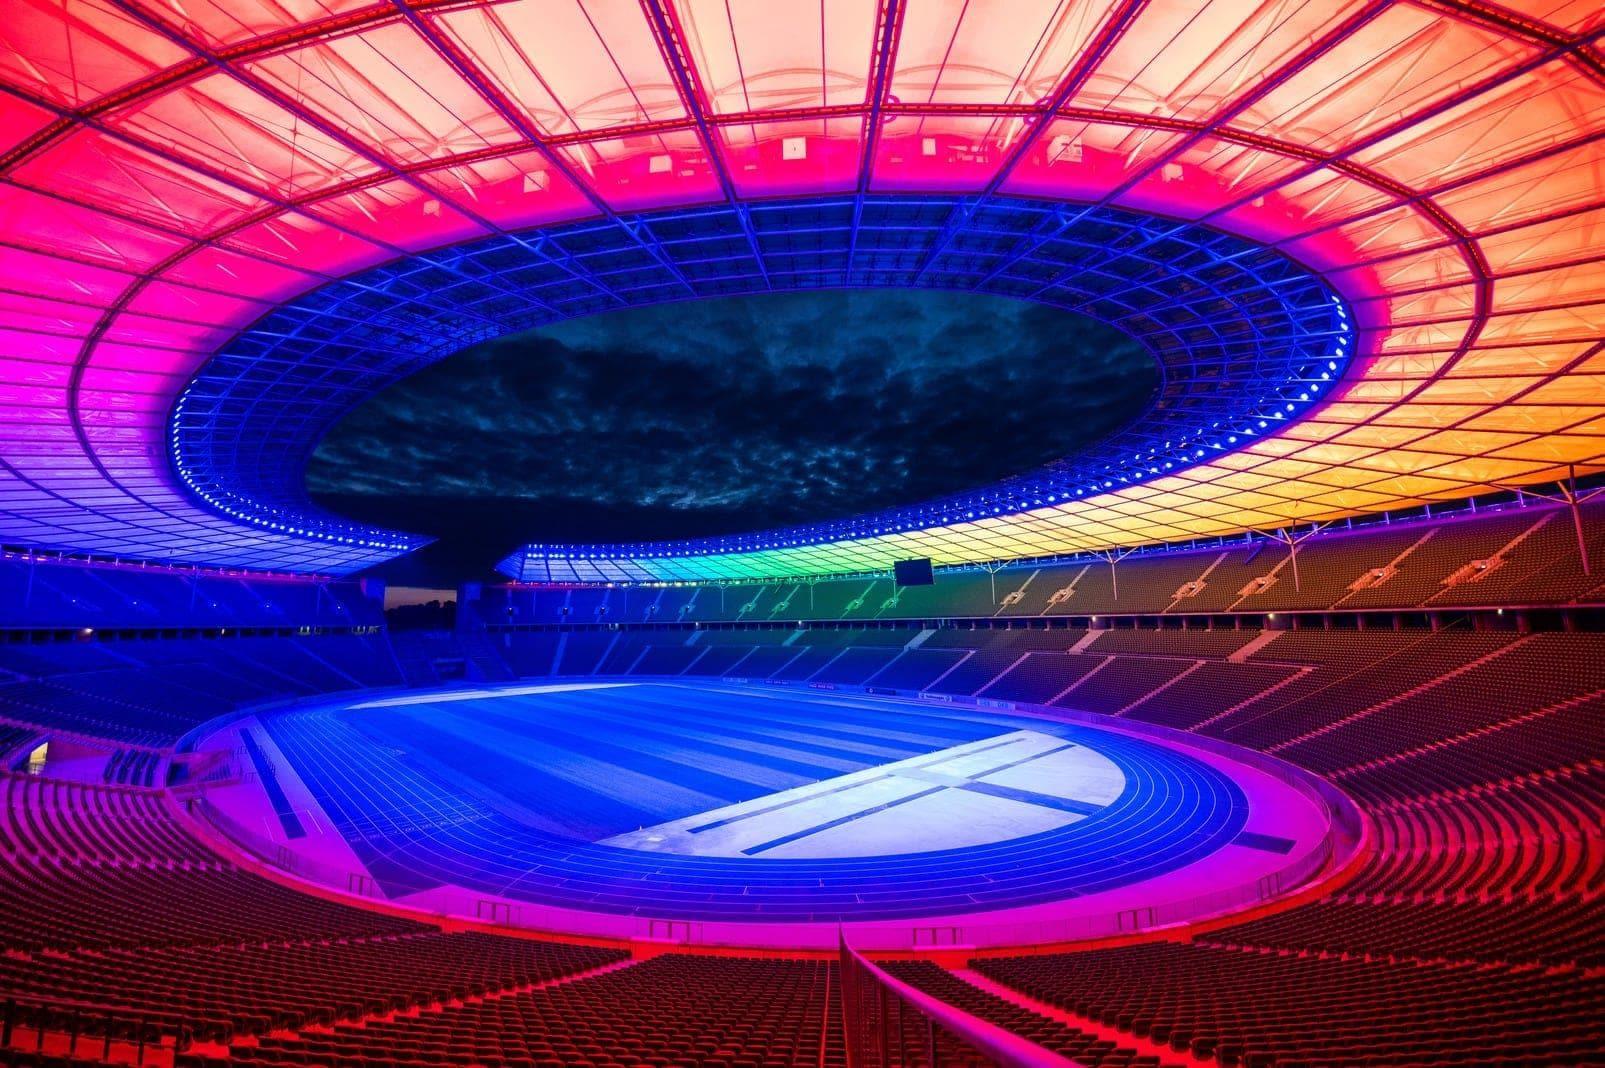 Regenbogen Berlin Olympiastadion 2